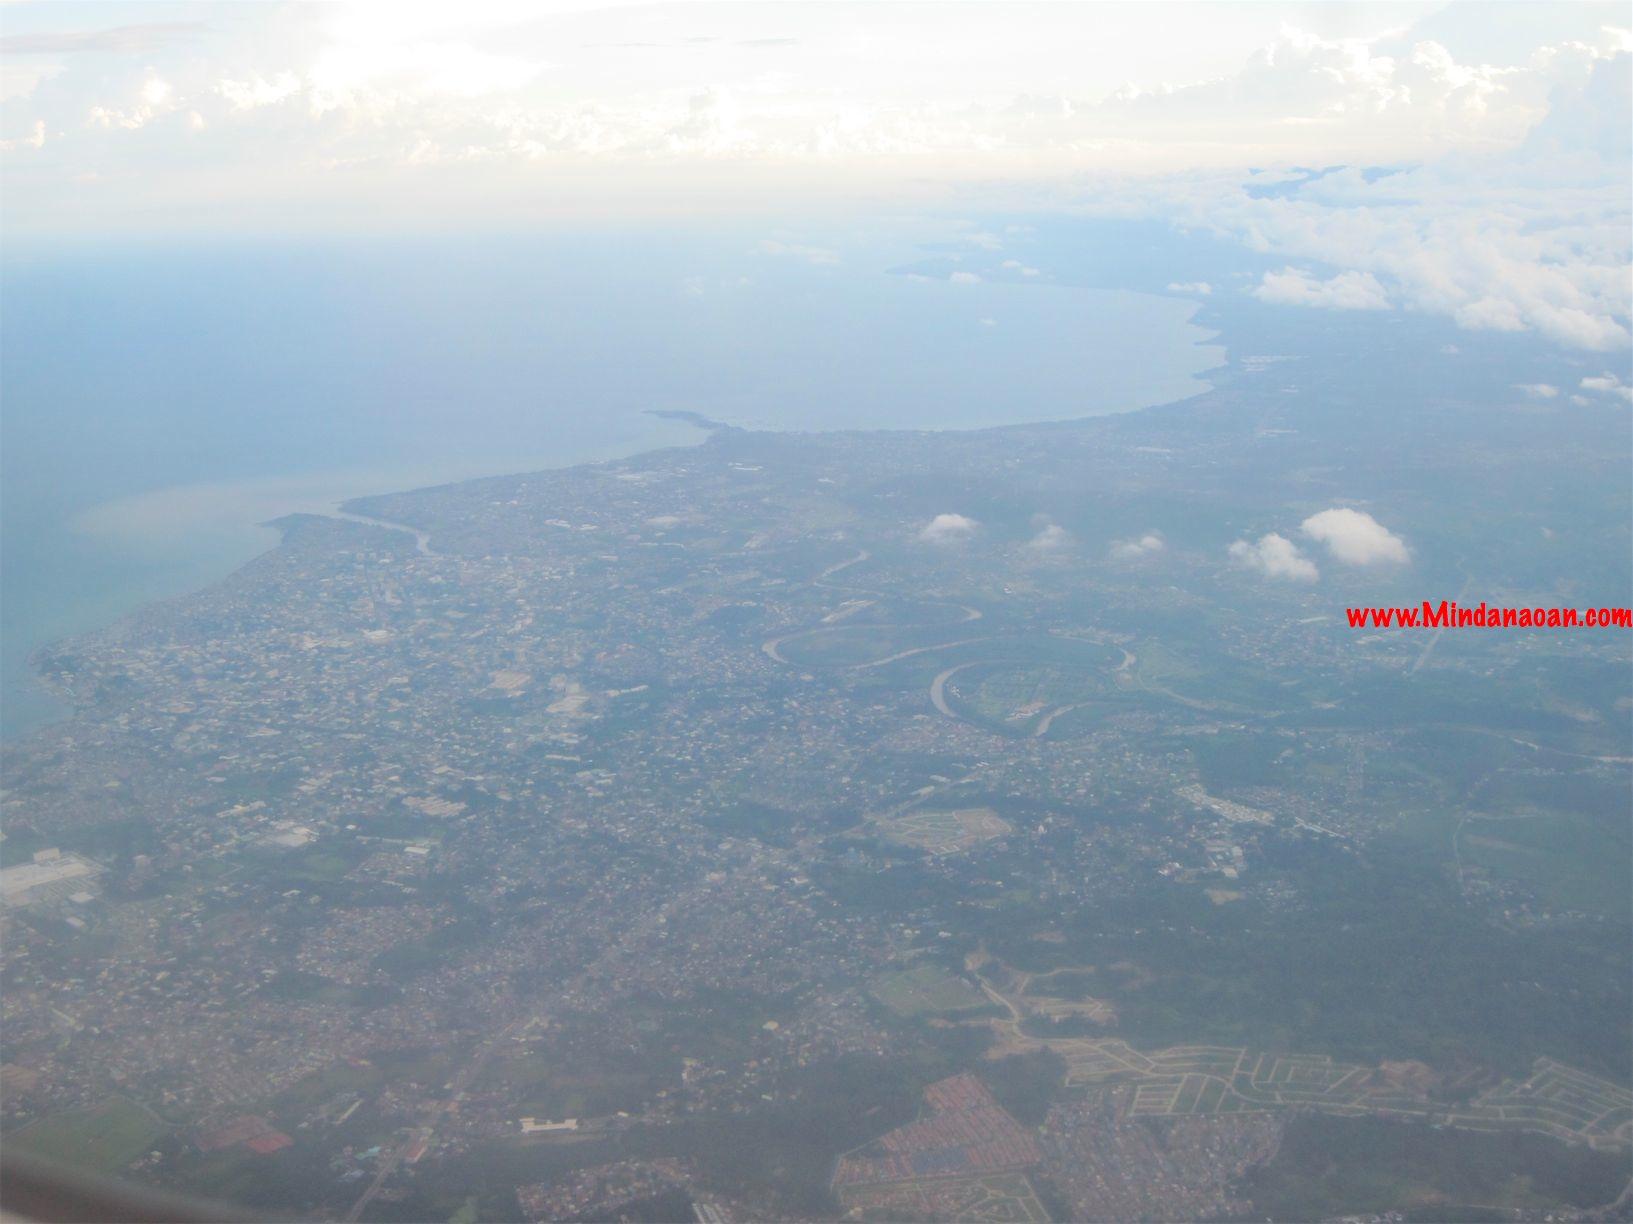 Cagayan de Oro to Davao flight